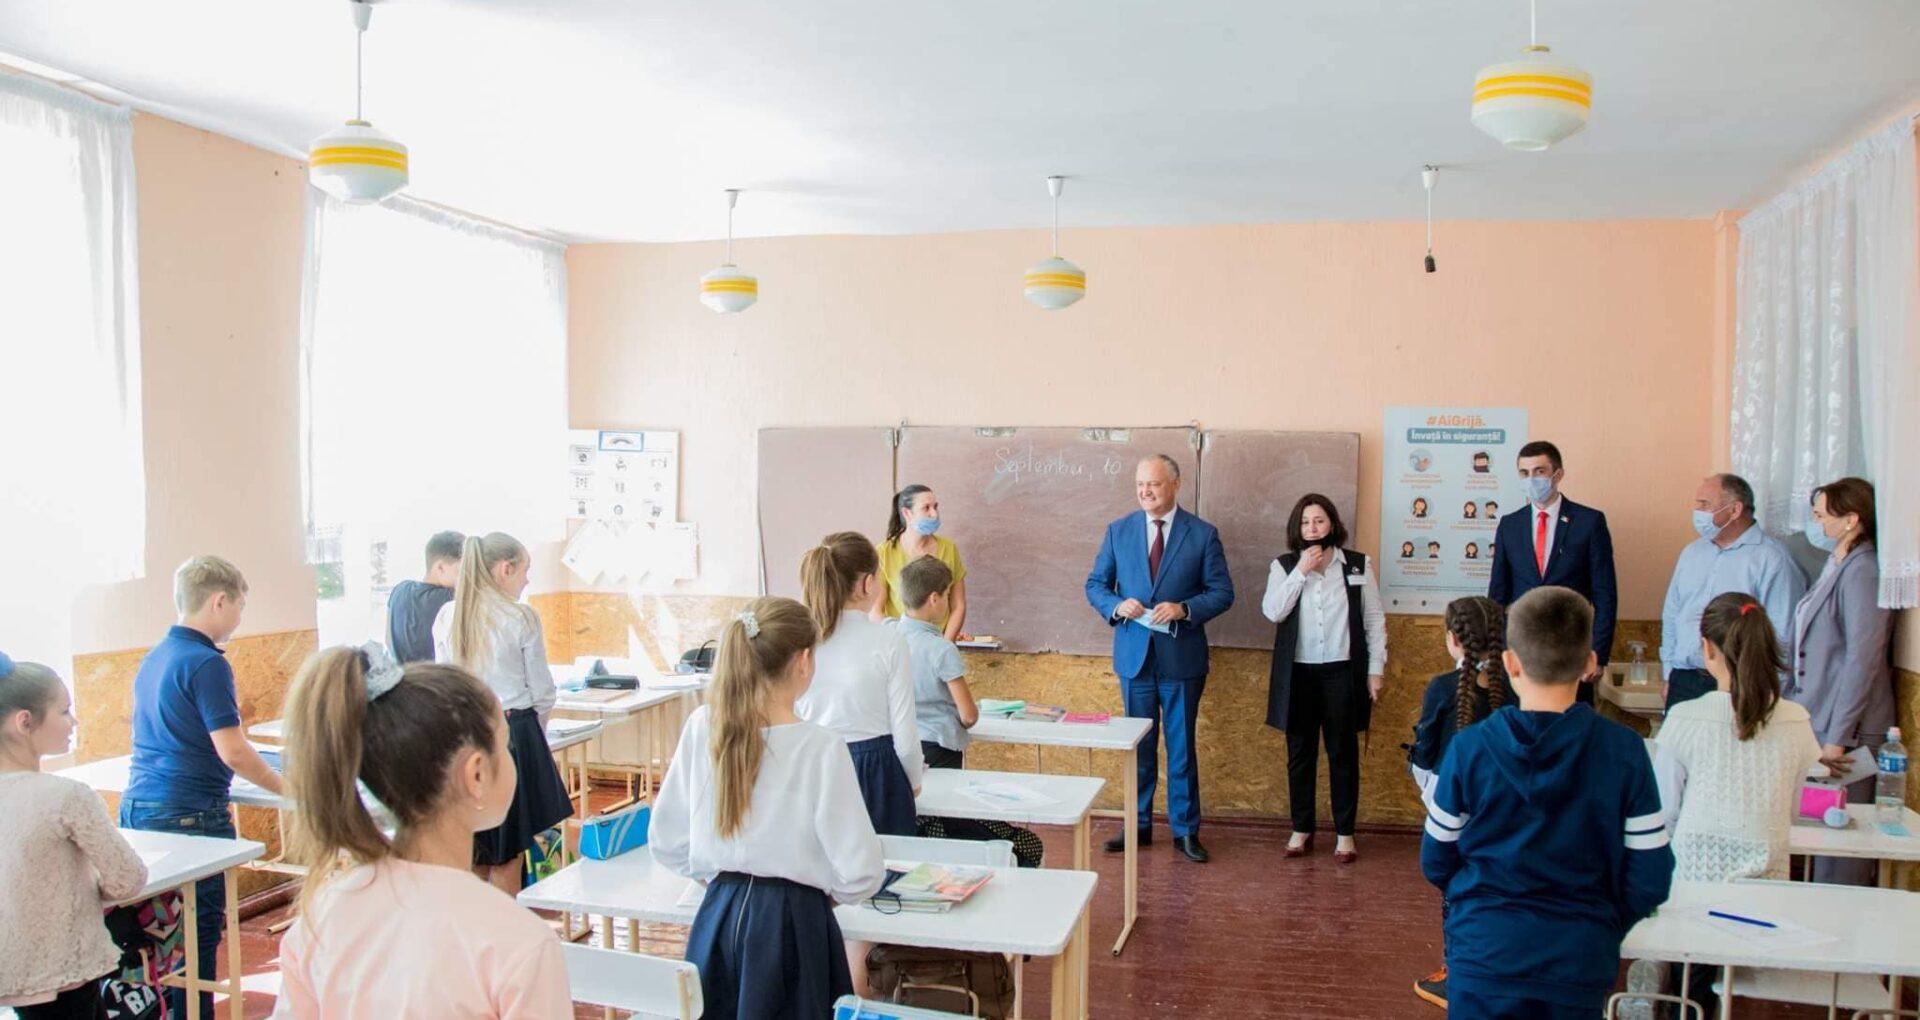 Ministrul Șarov, după ce Dodon a fost surprins fără mască în școală: Gesturi sfidătoare, plasarea samavolnică deasupra legii. MECC condamnă orice manifestare de nerespectare a prevederilor deciziilor CNESP